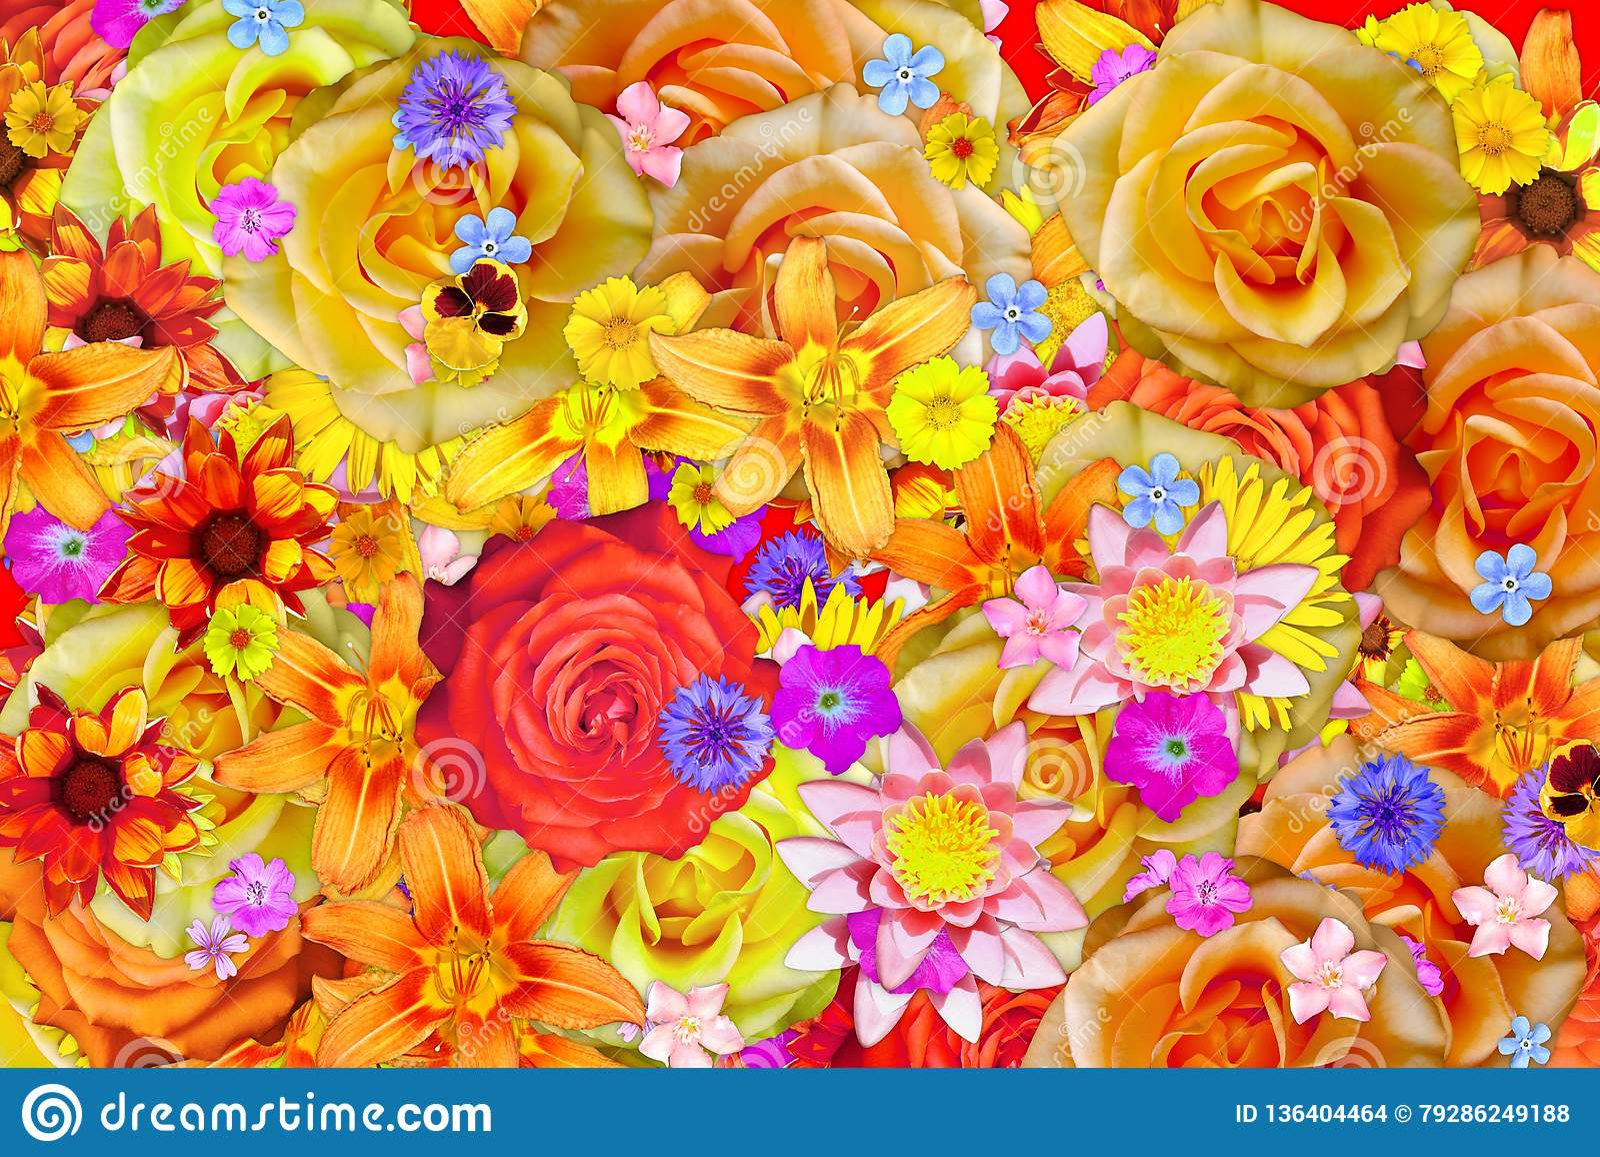 Много предпосылка зацветая цветка просвирника или мальвы и различных цветков абстрактная